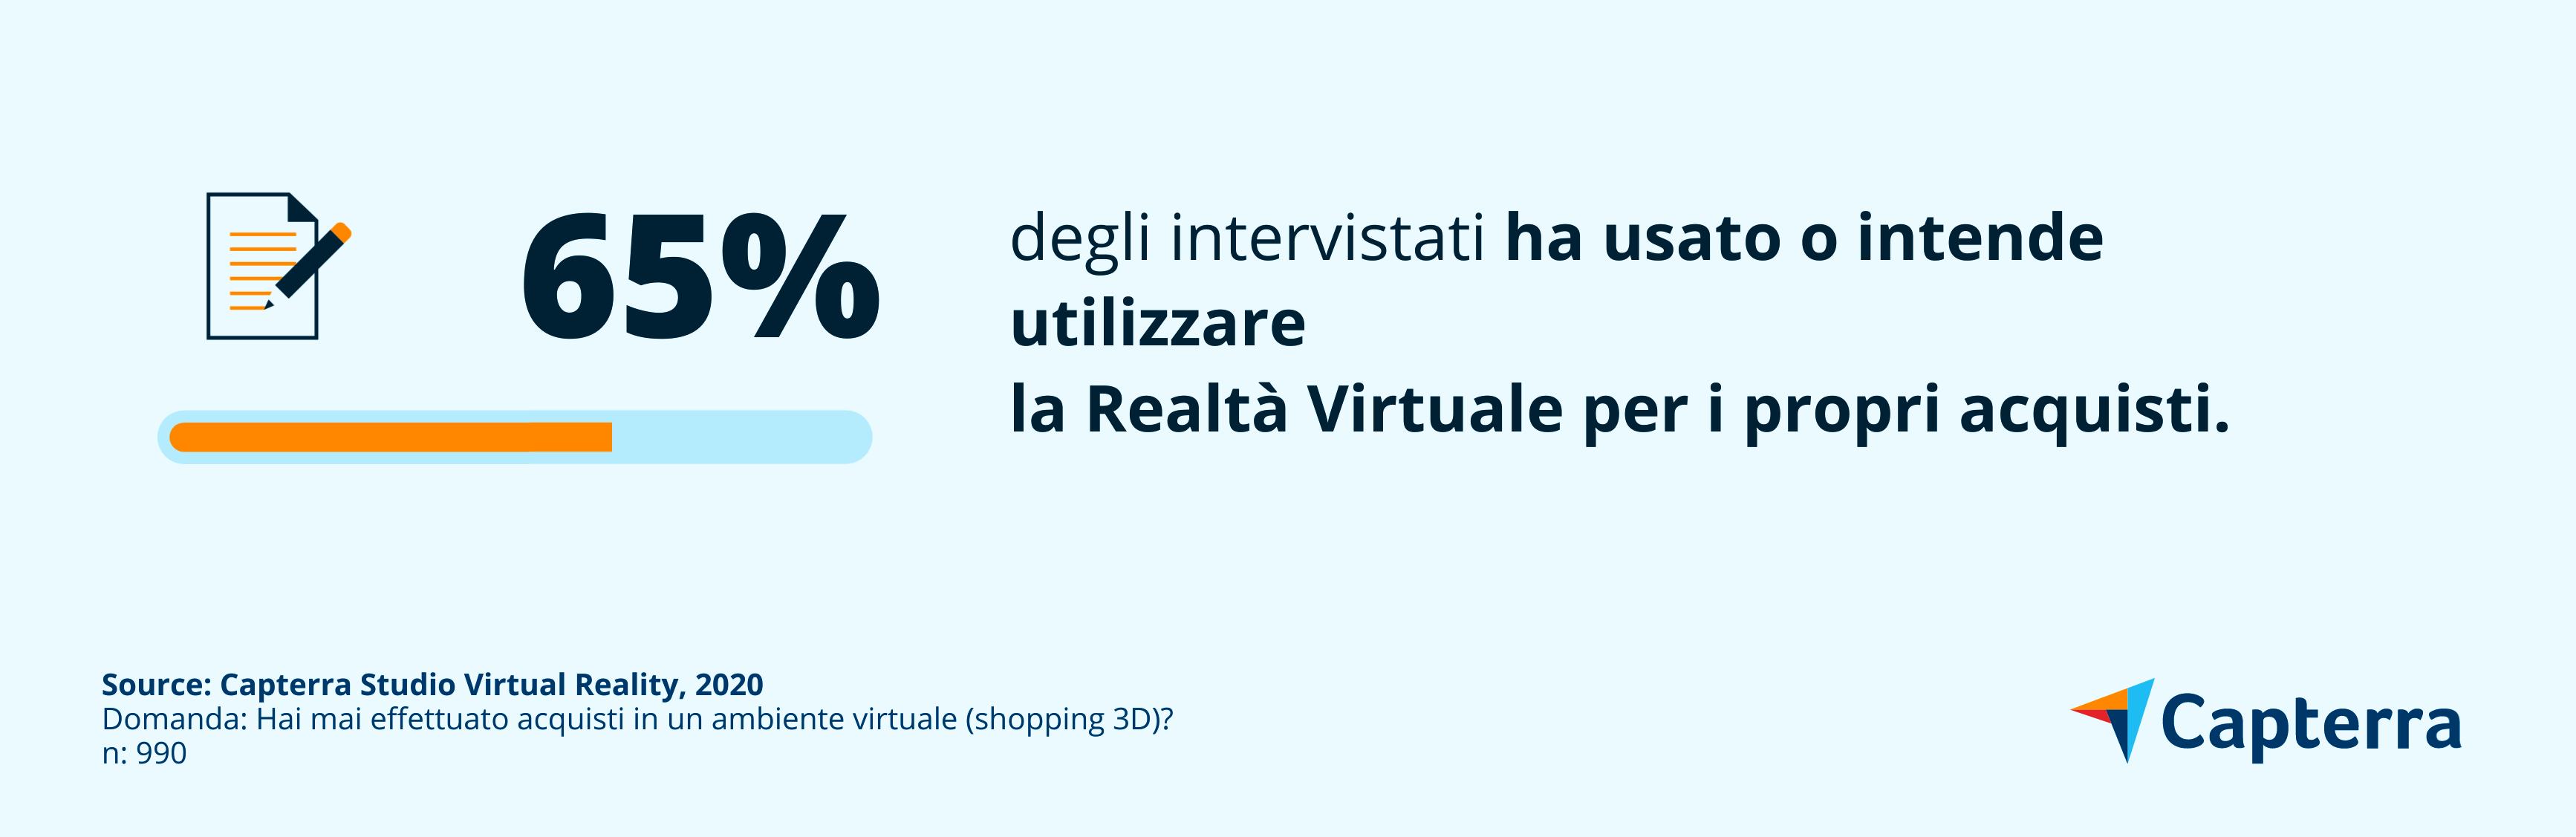 Il 65% degli intervistati ha usato o intende utilizzare la Realtà Virtuale immersiva per i propri acquisti